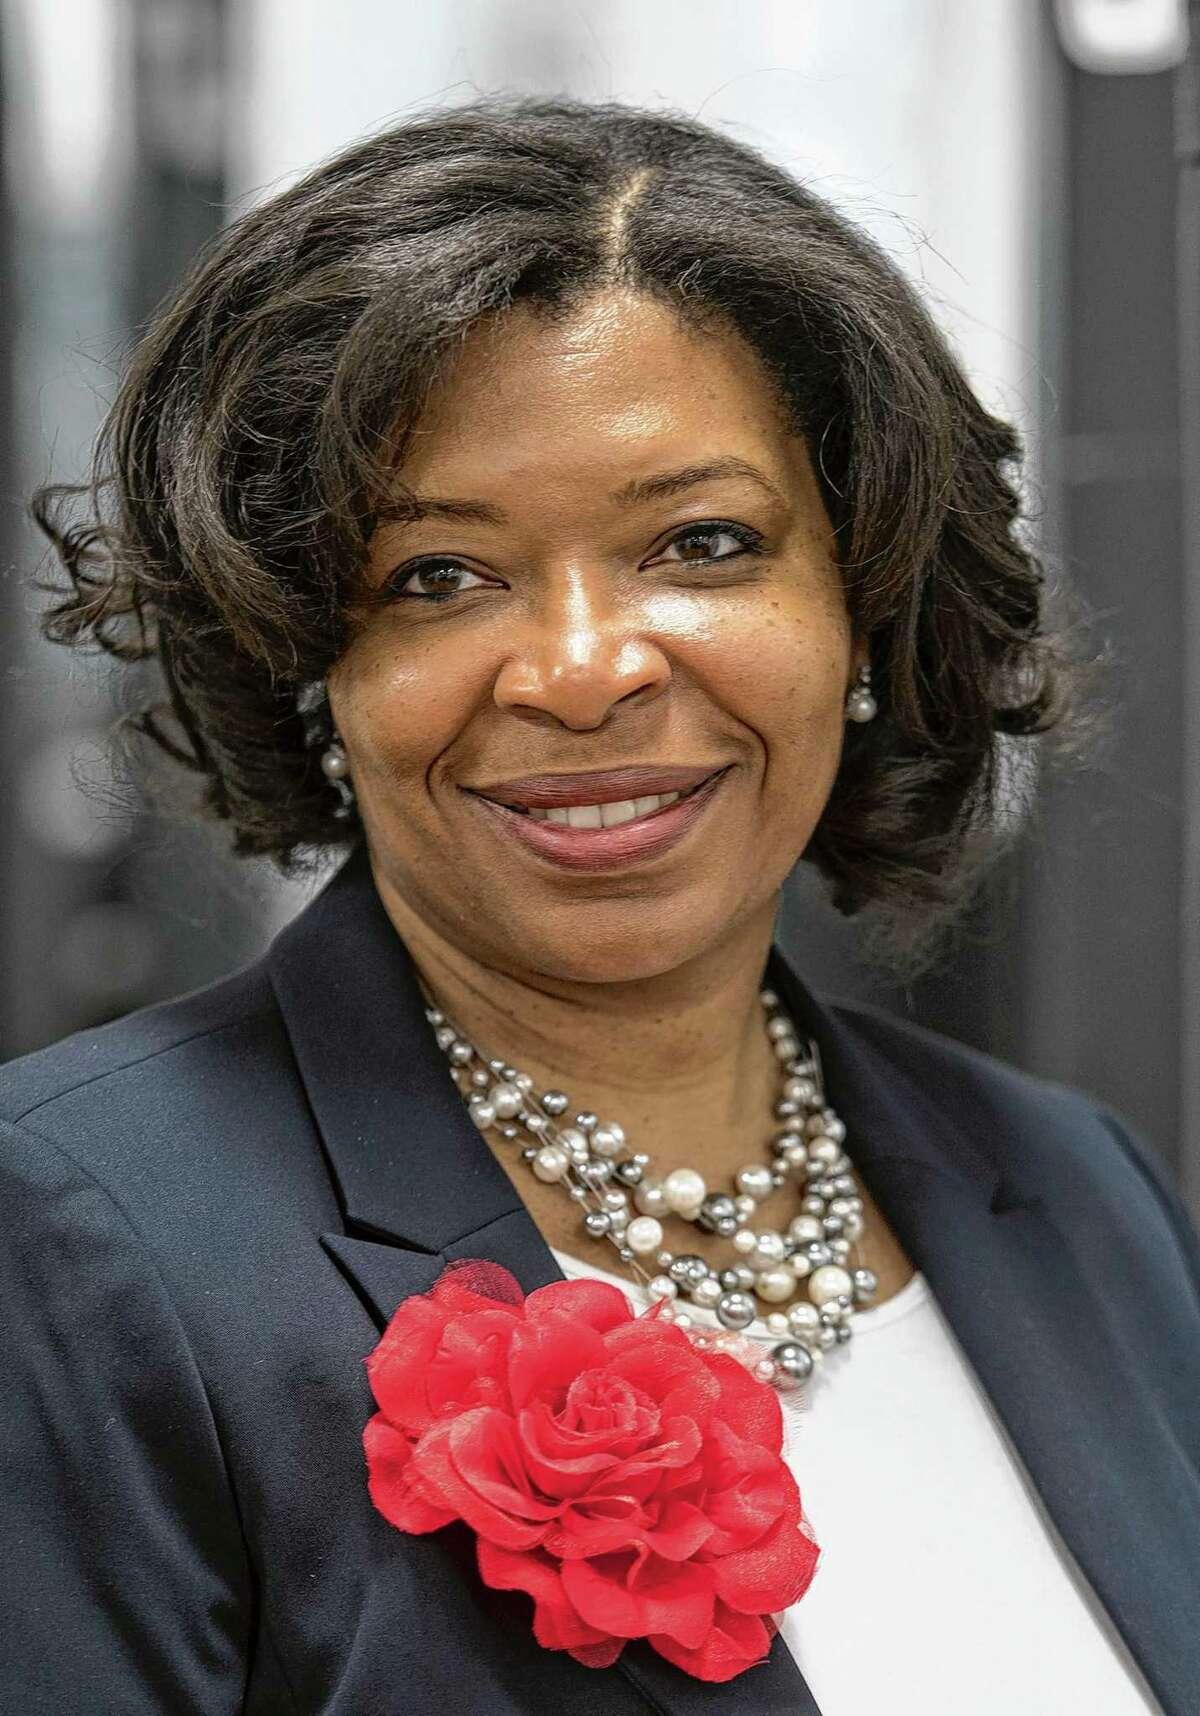 Yolanda Caldwell